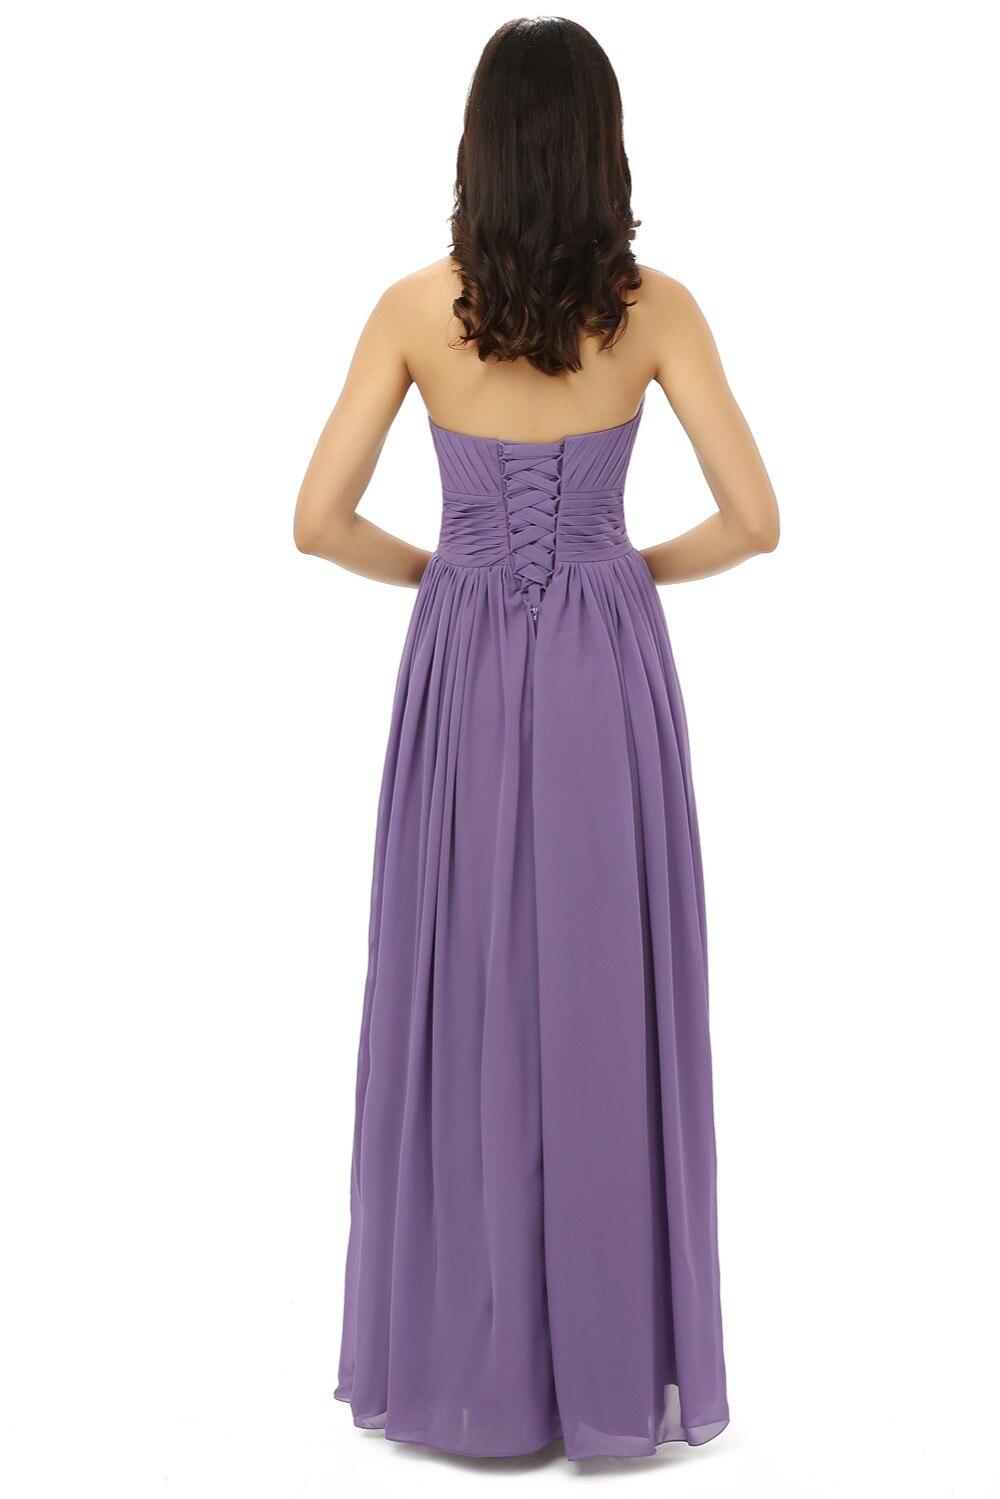 Nouveau 2019 robes de demoiselle d'honneur pas cher moins de 50 a-ligne chérie longueur de plancher en mousseline de soie violet clair robes de fête de mariage - 3